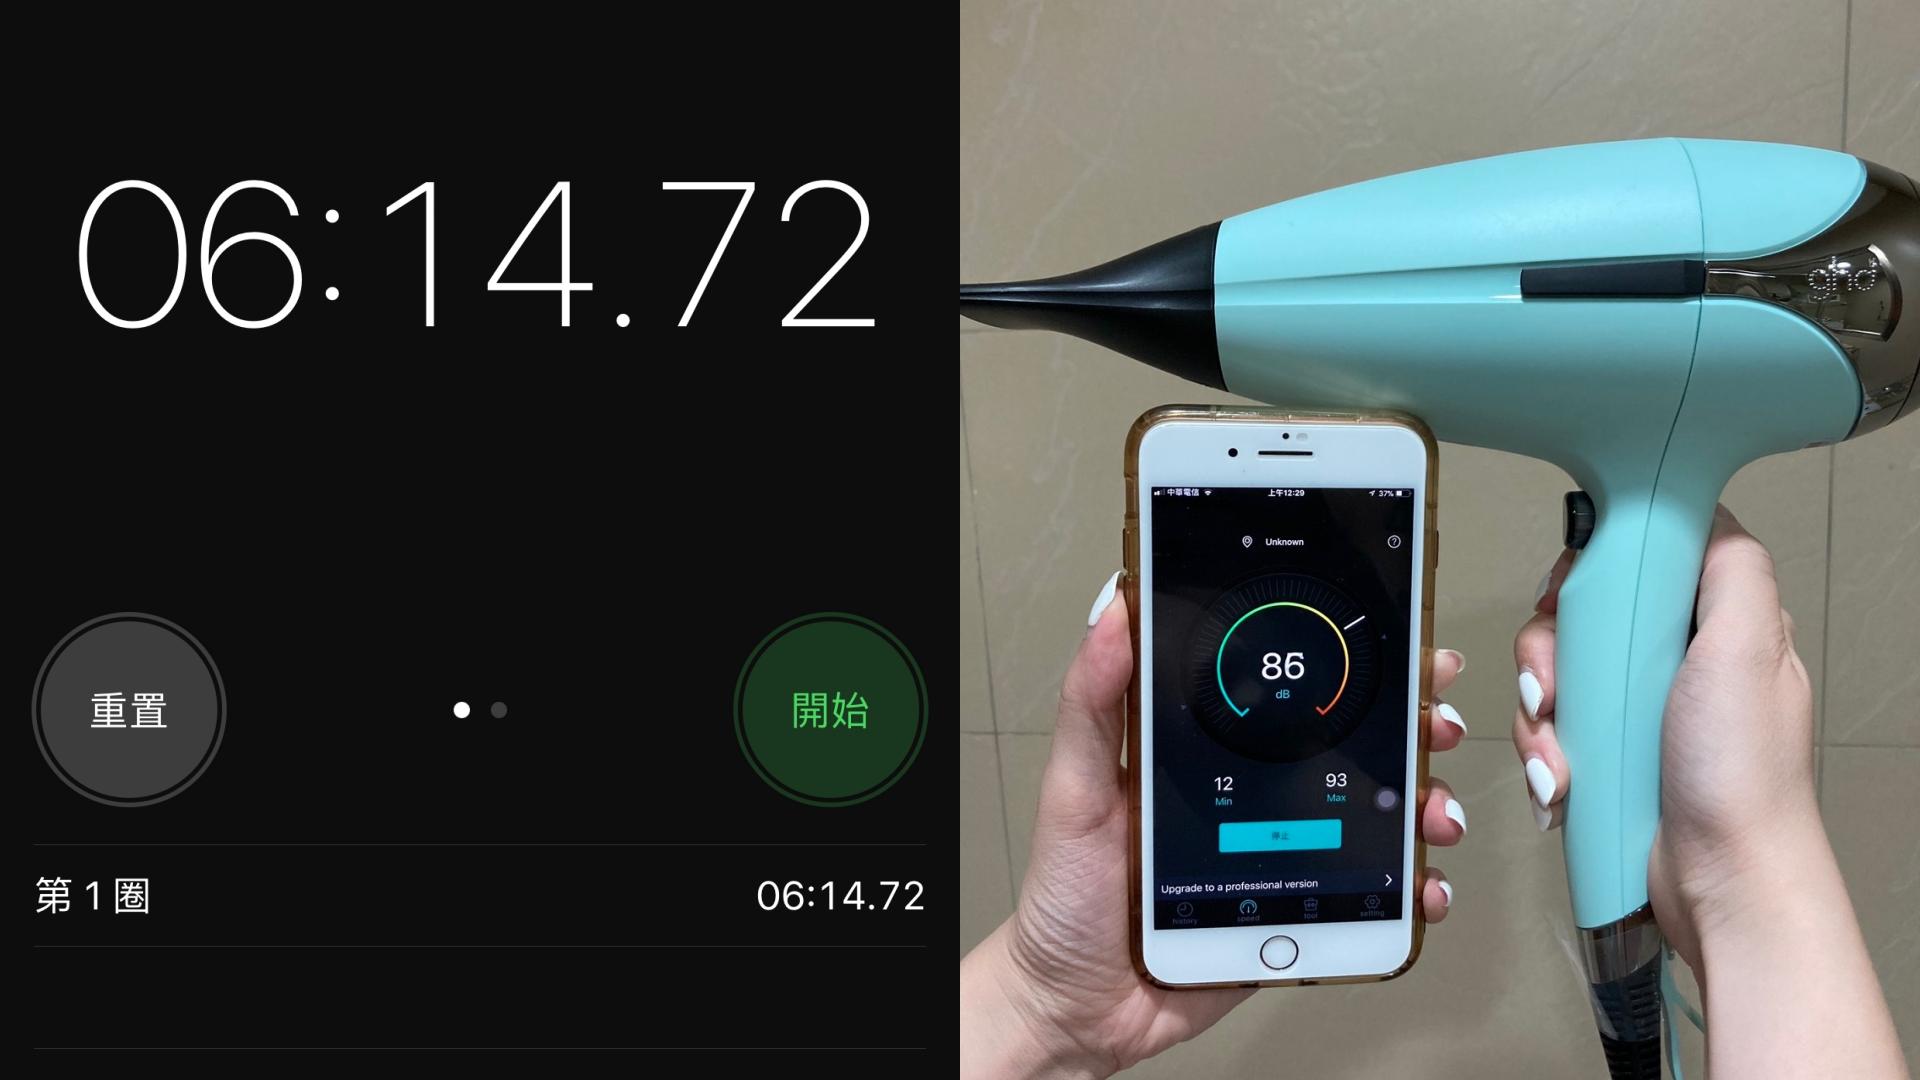 實測吹乾頭髮的時間,以及吹風機轉到最強時的音量。